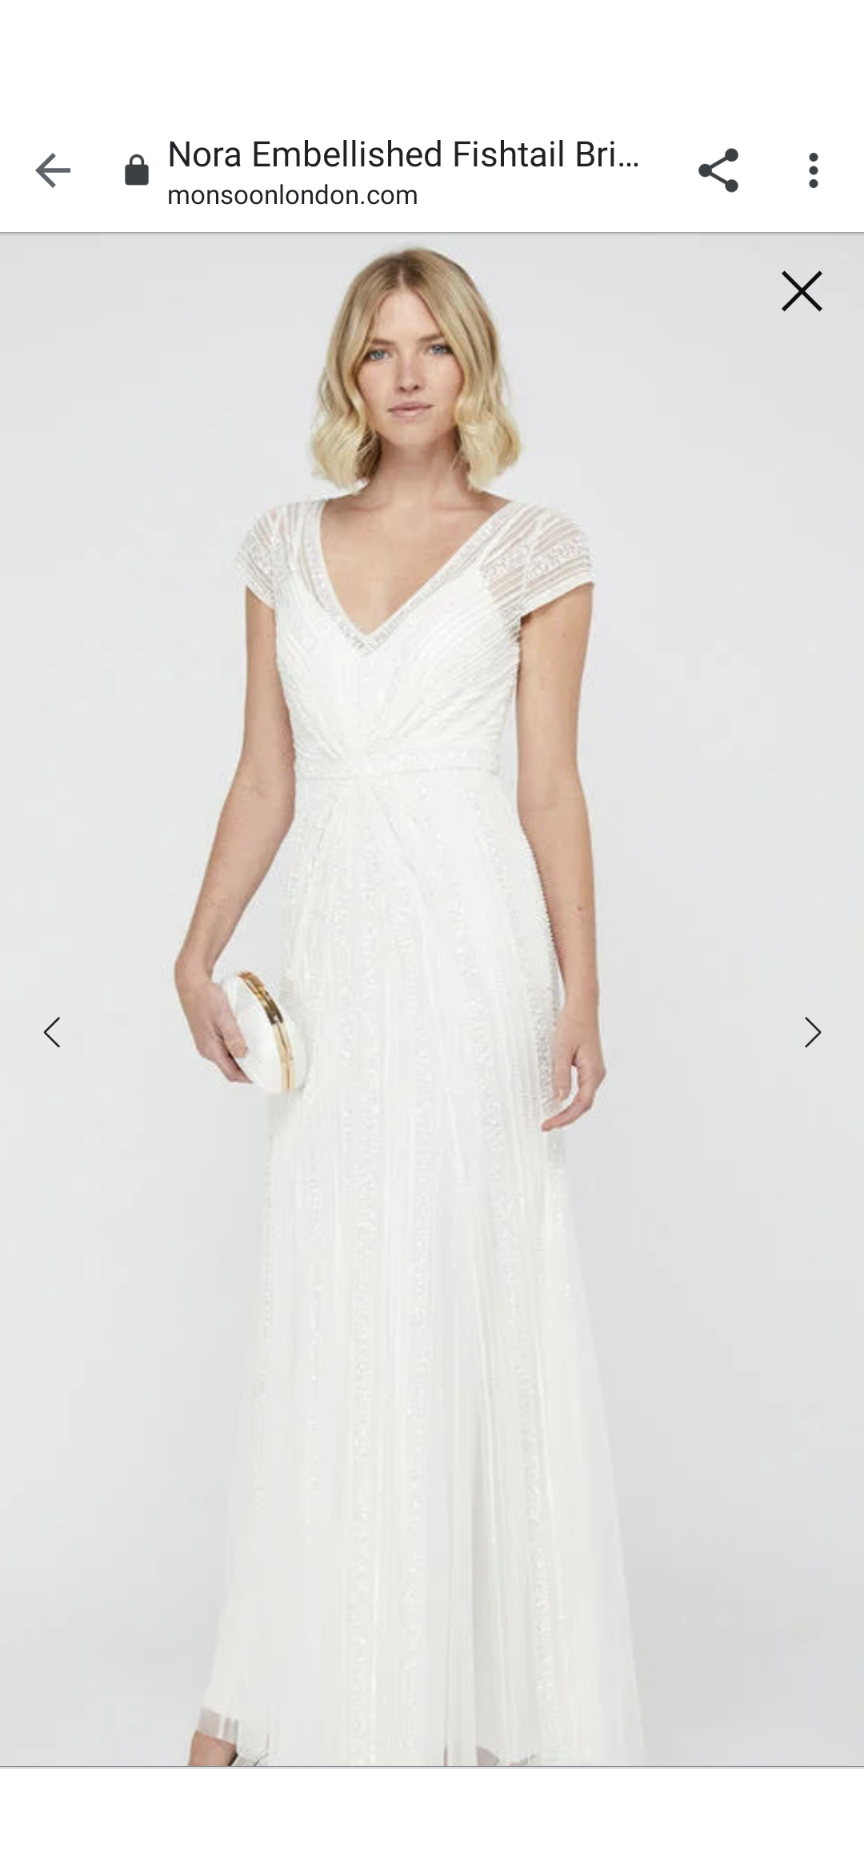 Monsoon Nora Embellished Fishtail Wedding Dress